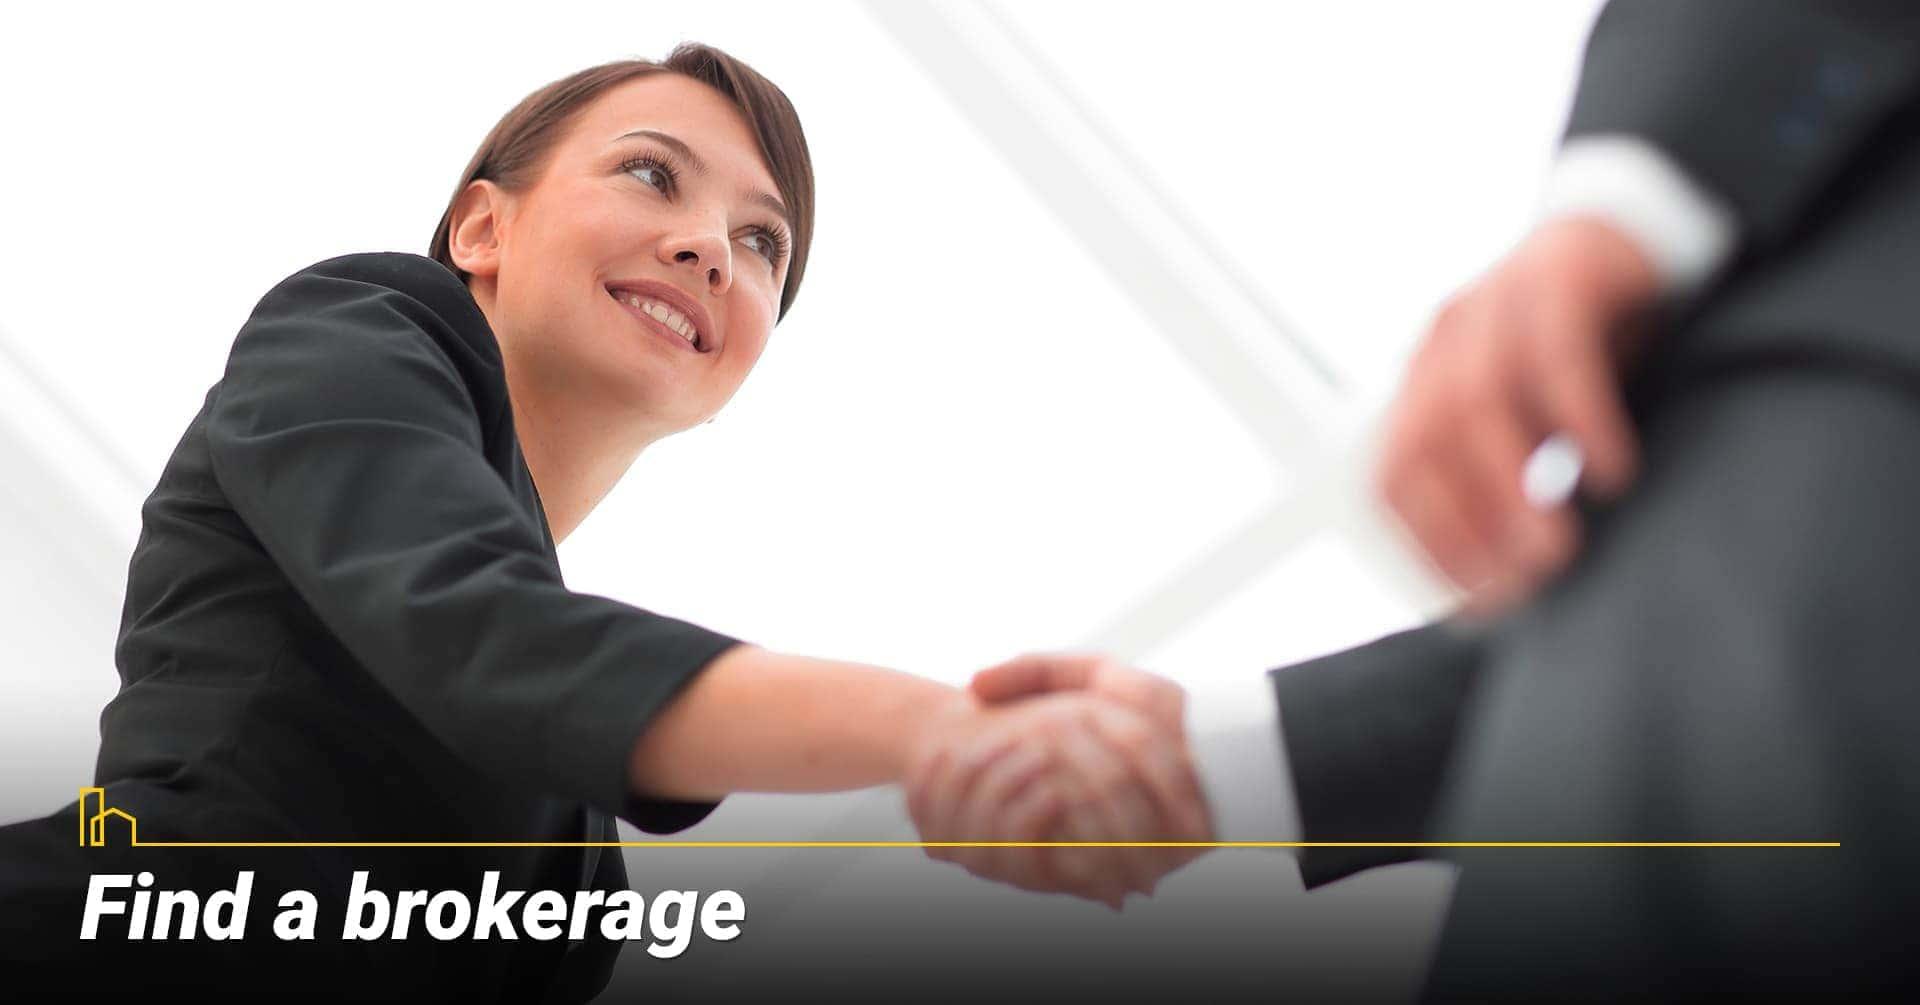 Find a brokerage, work with a broker